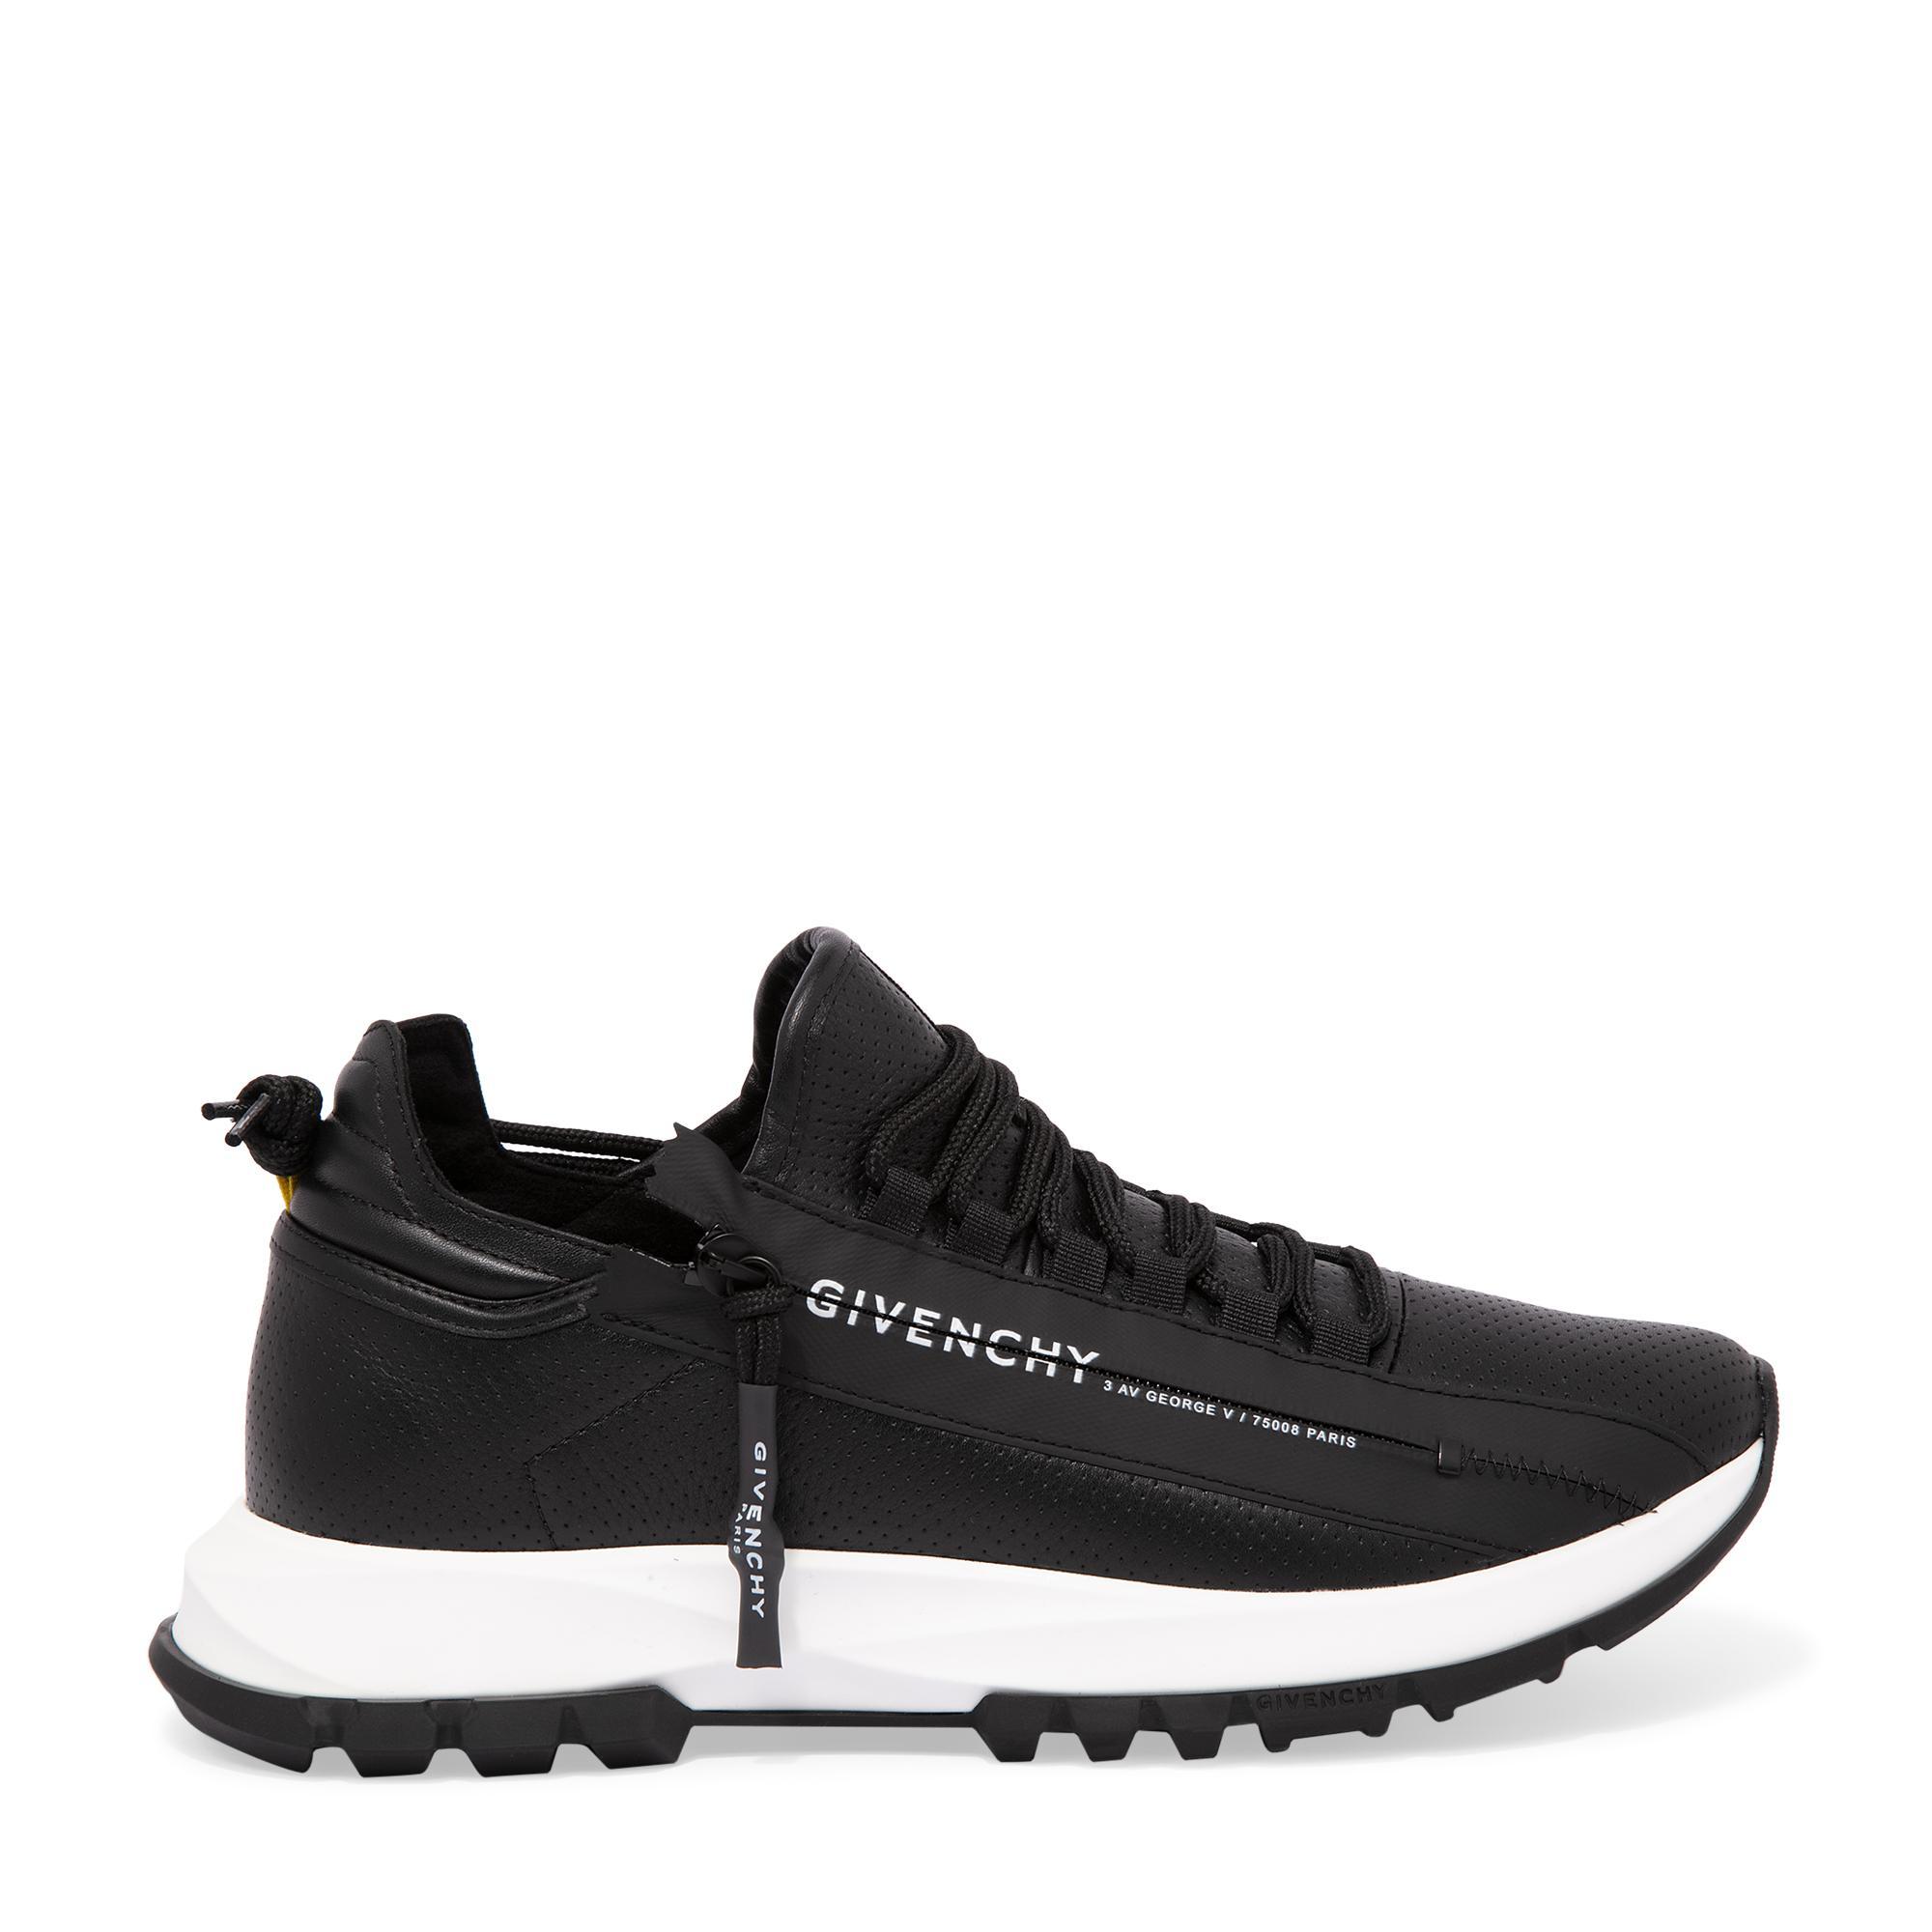 Spectre Runner Zip sneakers